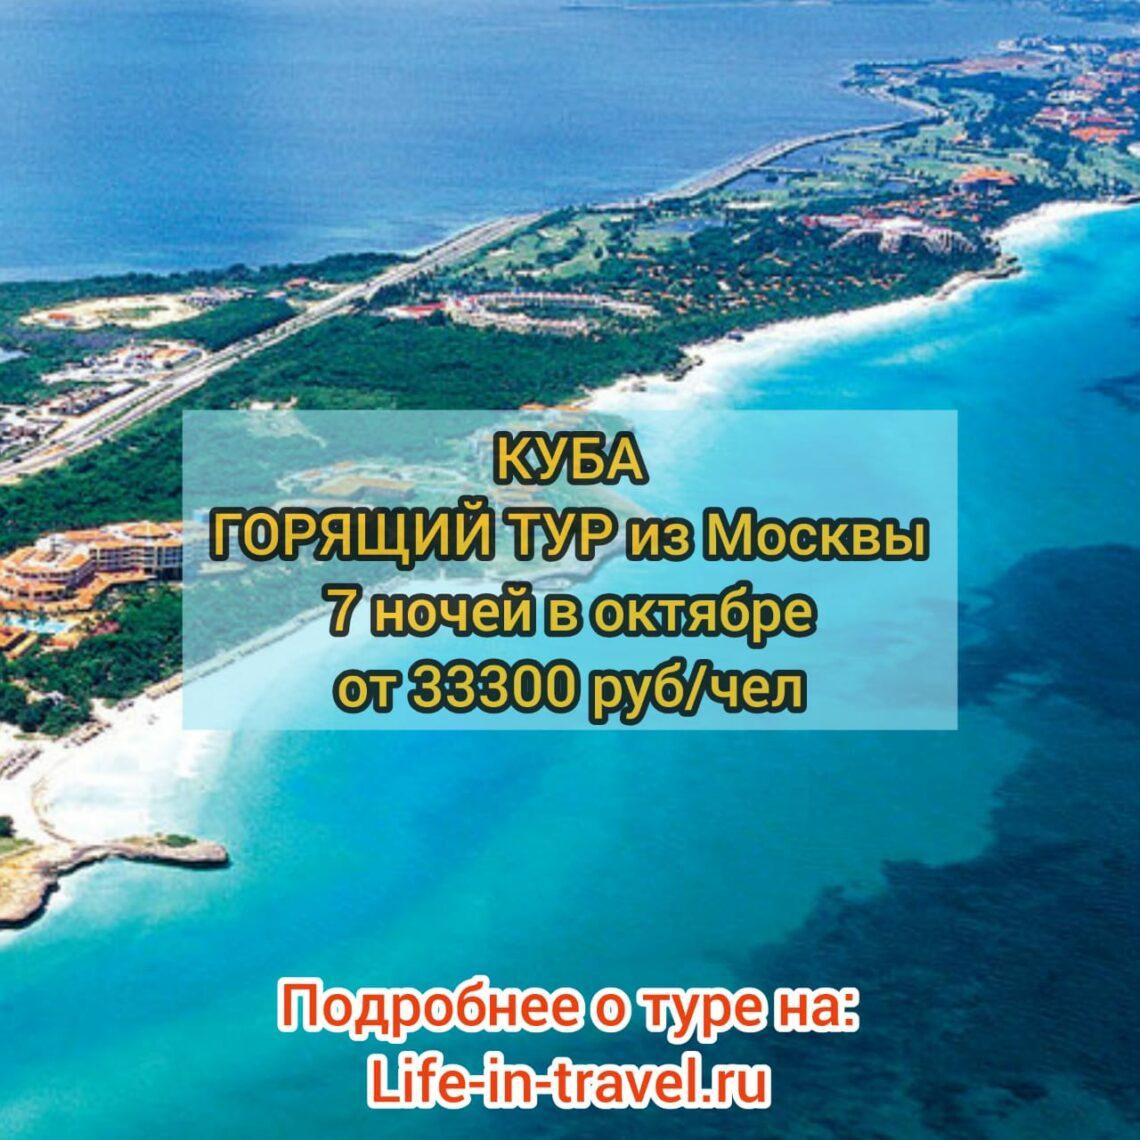 Горящий тур на Кубу из Москвы